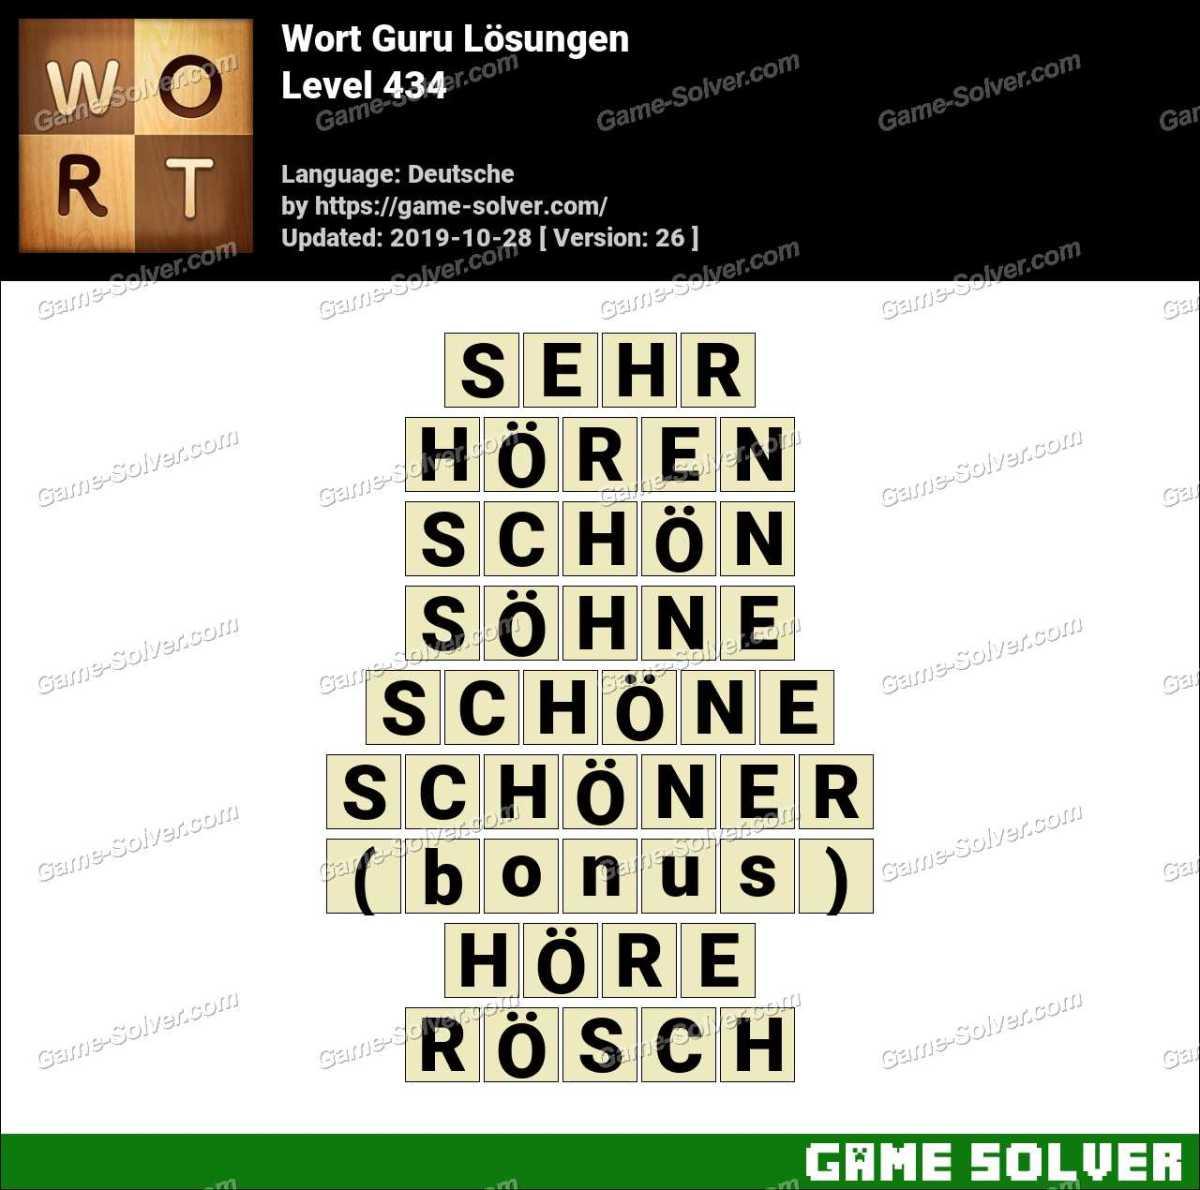 Wort Guru Level 434 Lösungen